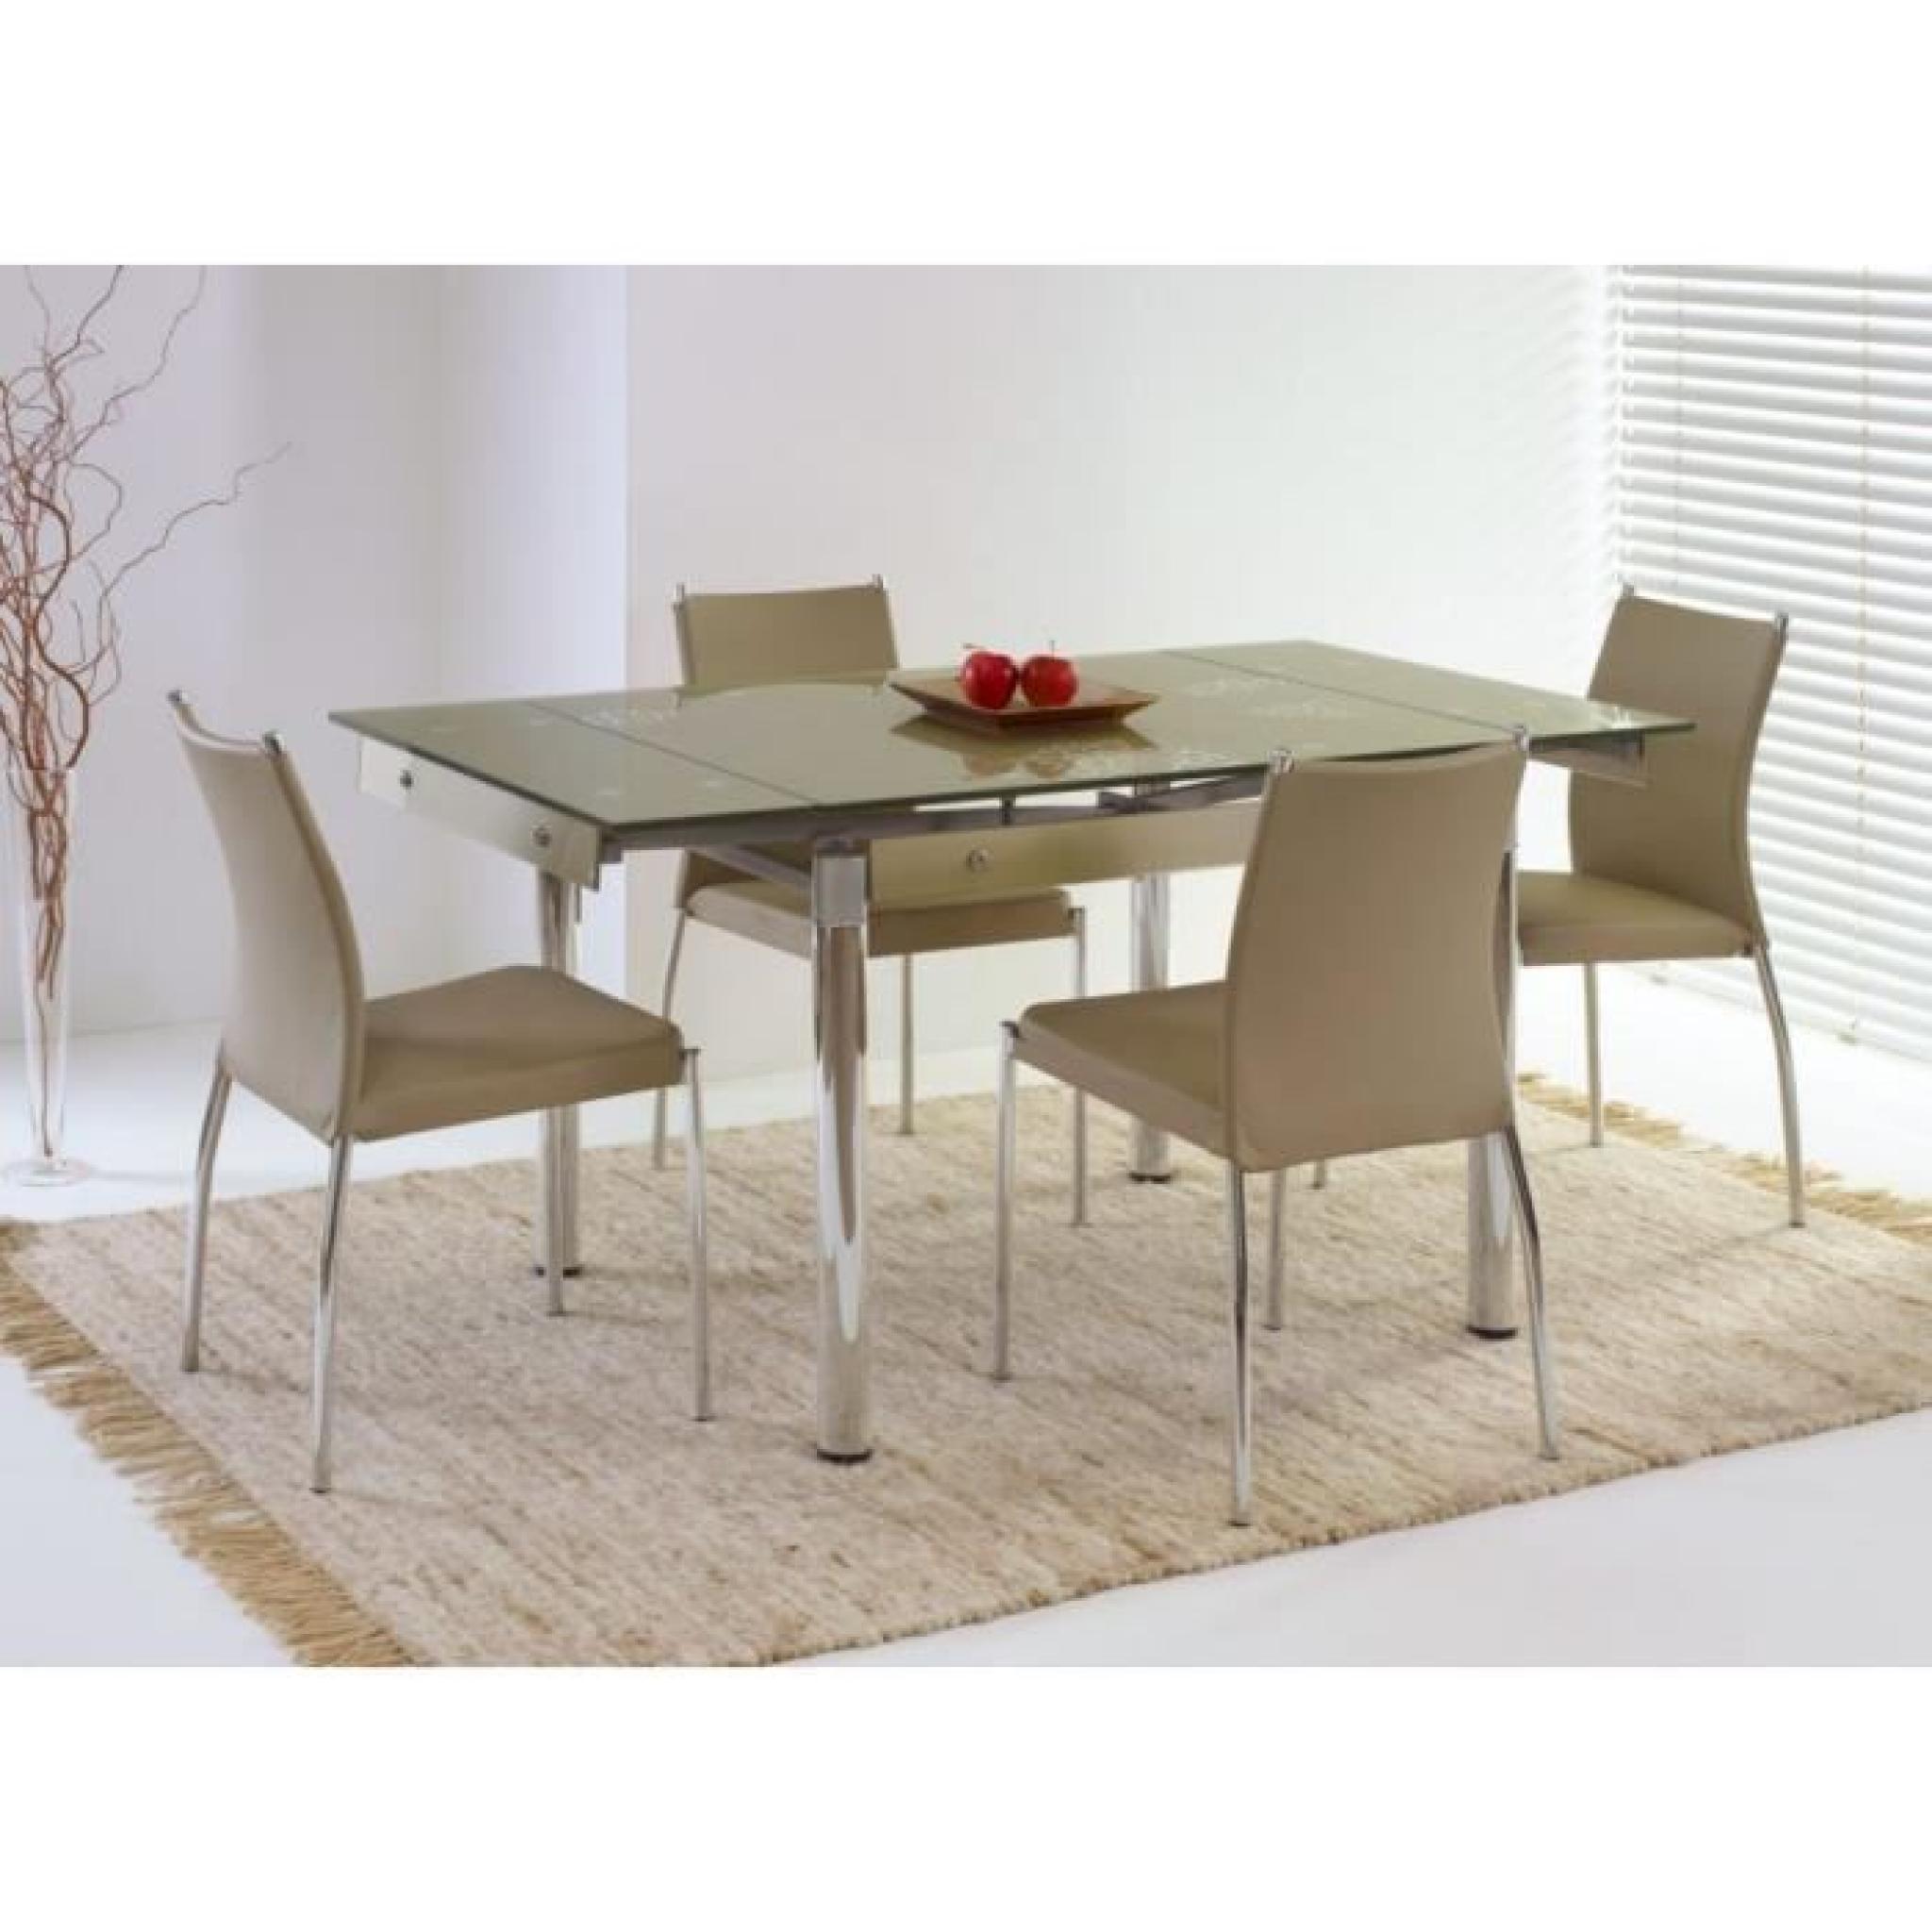 Table de salle à manger Elton extensible en Verre Beige (LxlxH):  100÷150-80-75 cm